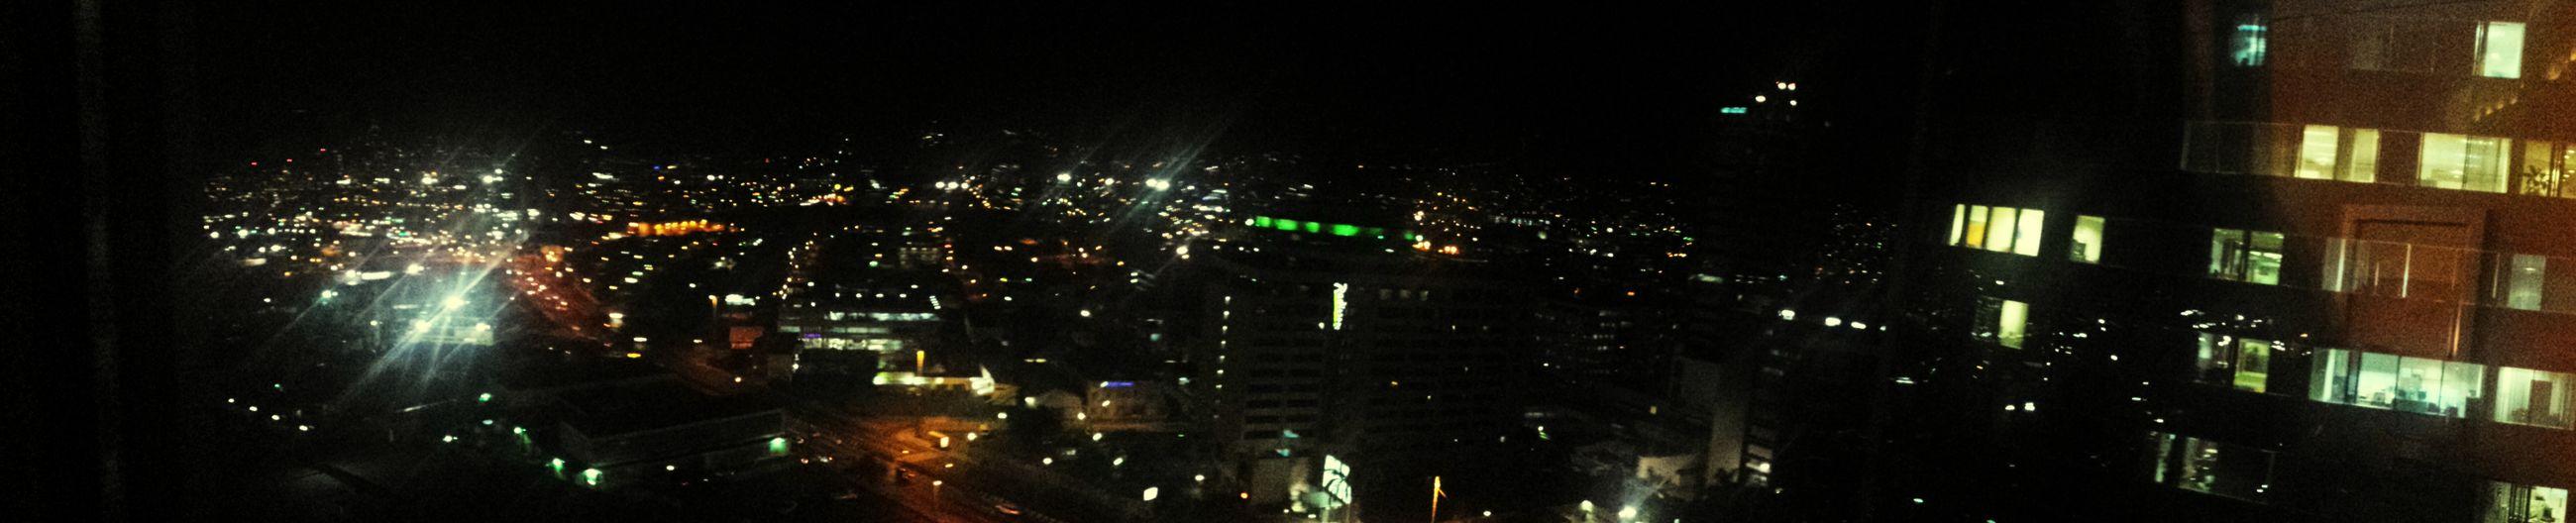 Taking Photos Hyatt Hotel Night Lights City Lights Port Of Spain Trinidad And Tobago